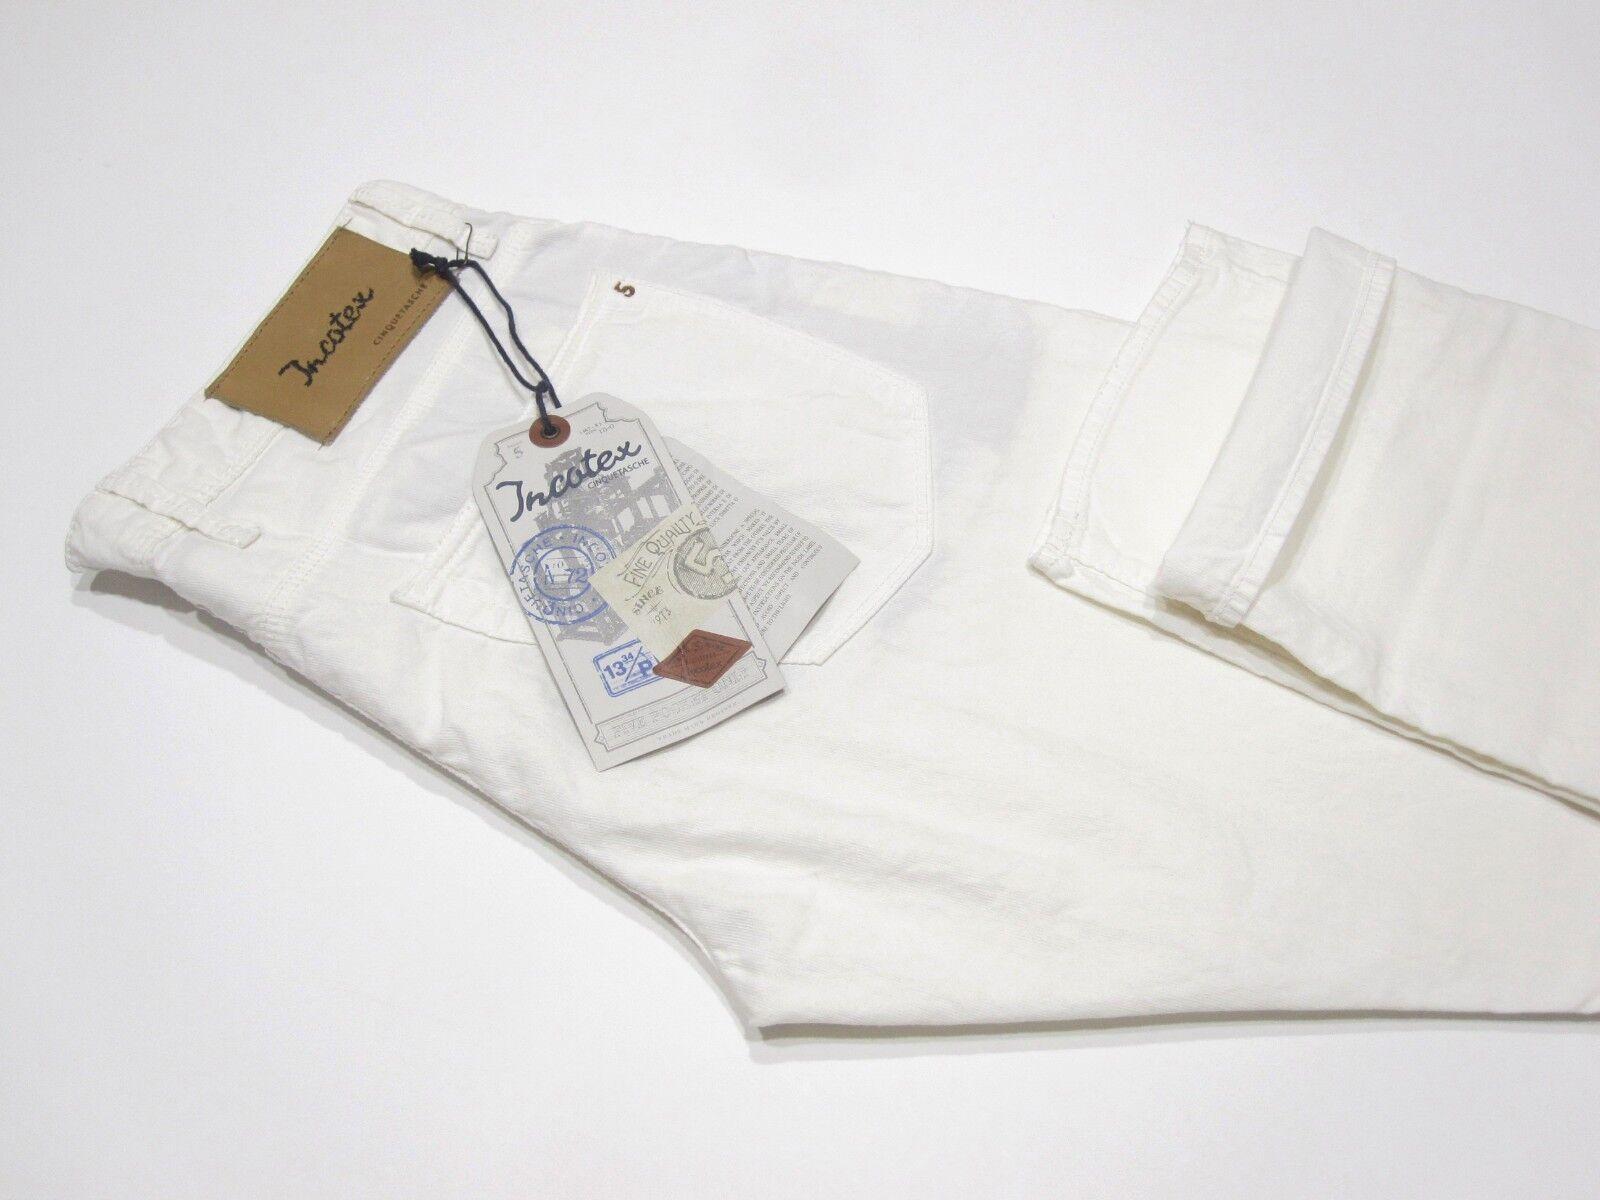 BNWT INCOTEX Cinquetasche  Sky Slim  White Cotton Linen Jeans Pants - Size 34